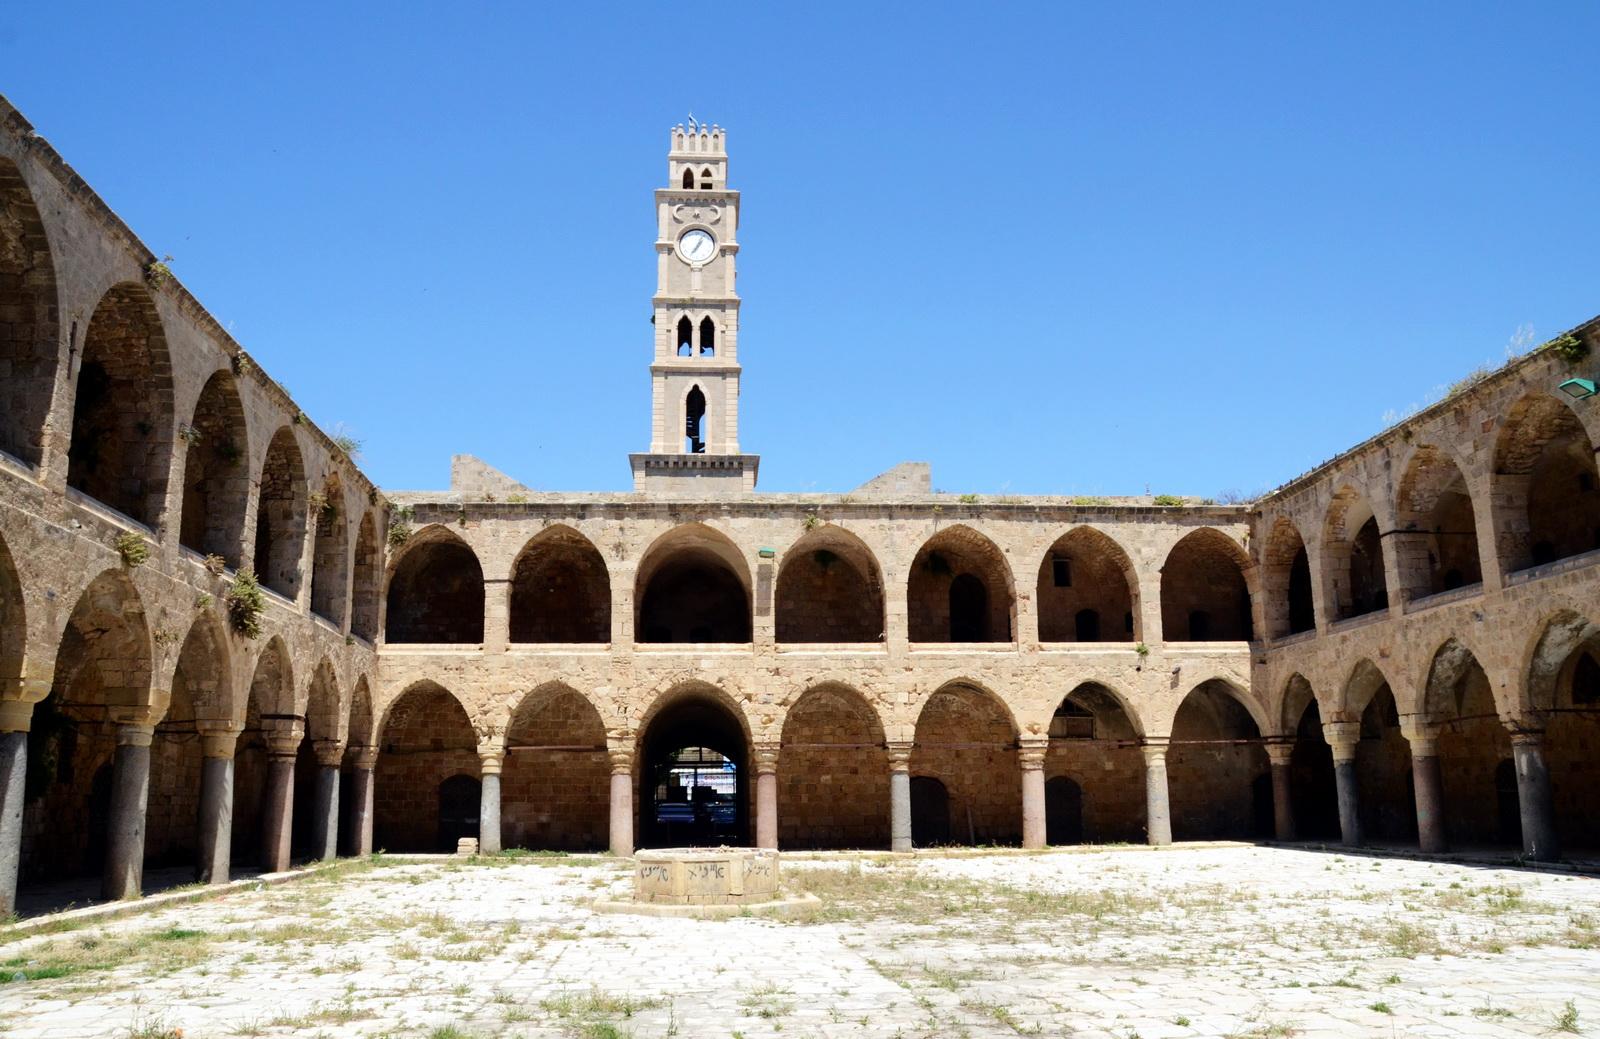 עכו - חאן אל עומדן - החאן הכי יפה בארץ (אך מוזנח) מן המאה ה 17 לערך